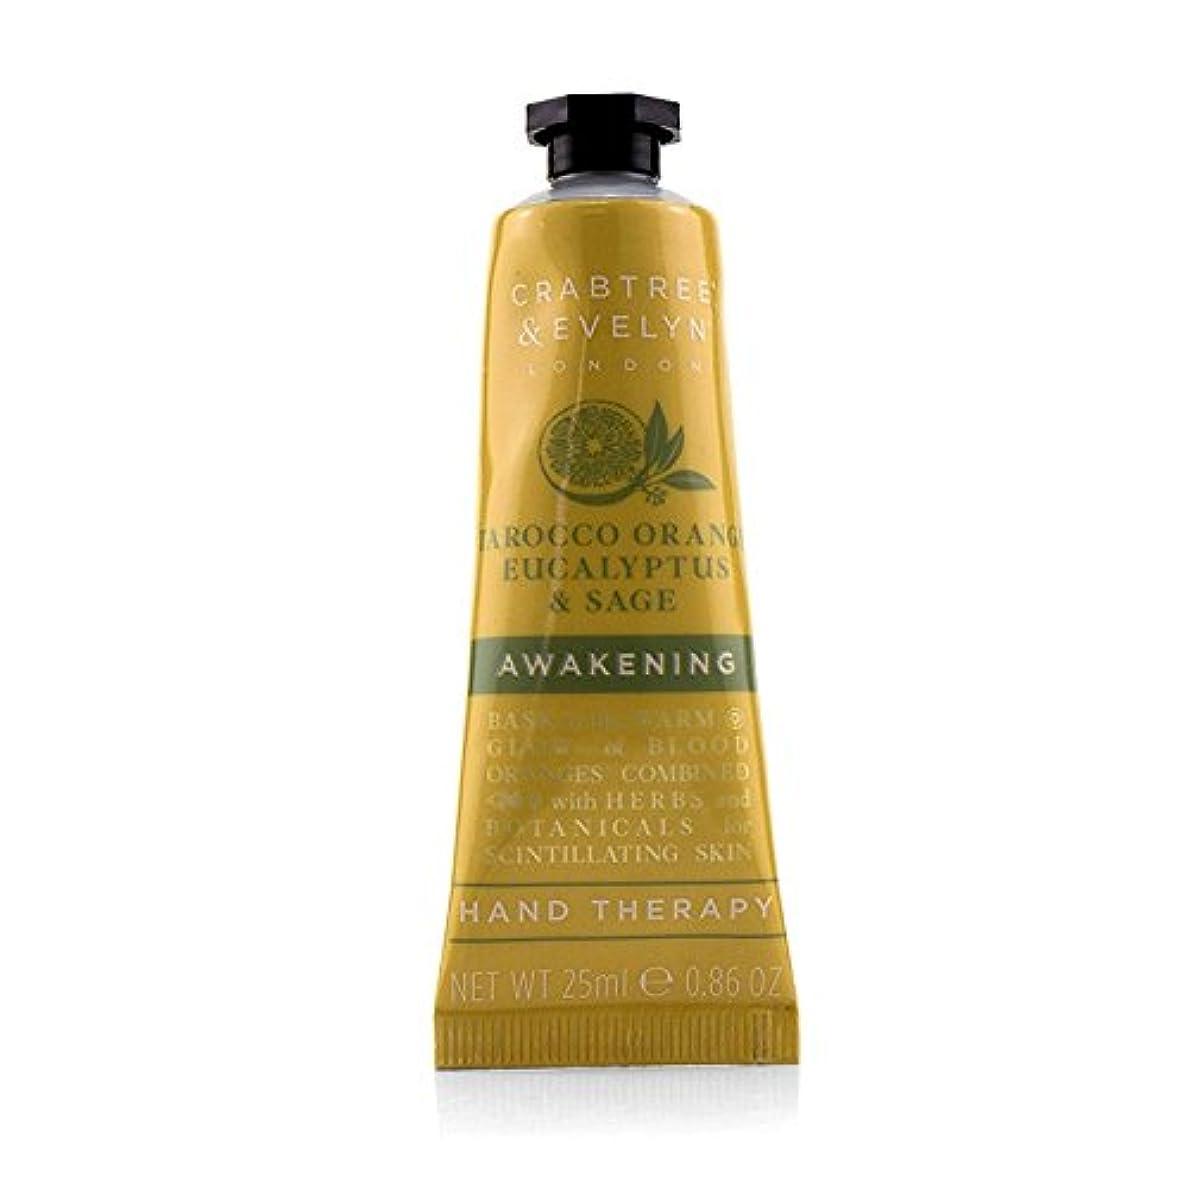 アンケート先史時代の三クラブツリー&イヴリン Tarocco Orange Eucalyptus & Sage Awakening Hand Therapy 25ml/0.86oz並行輸入品